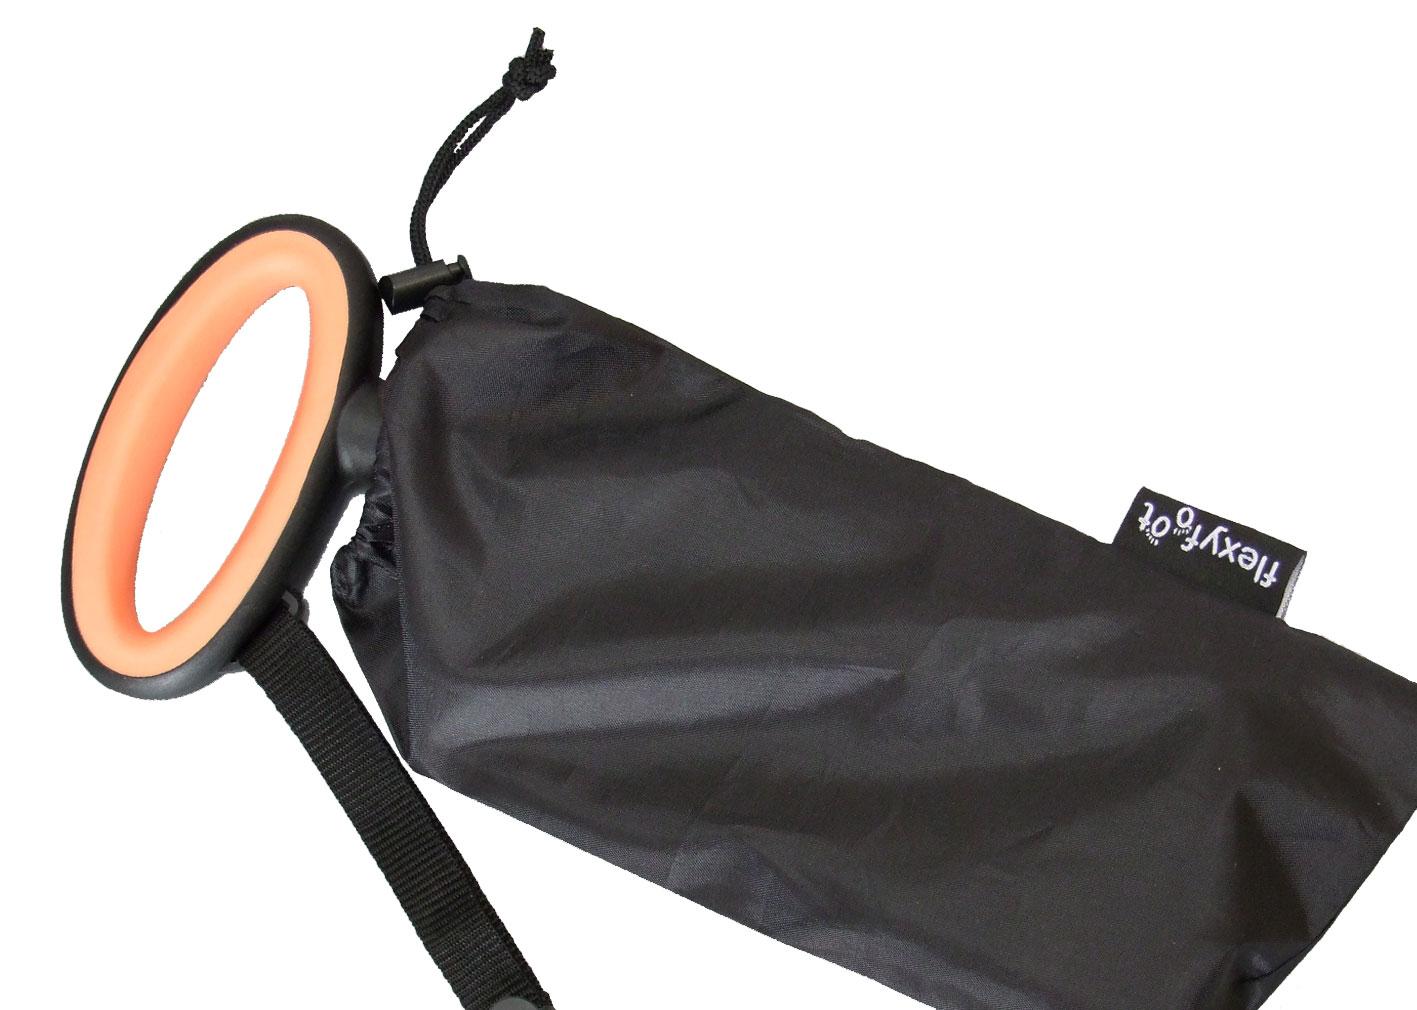 Compact op te bergen in bijgeleverde tas